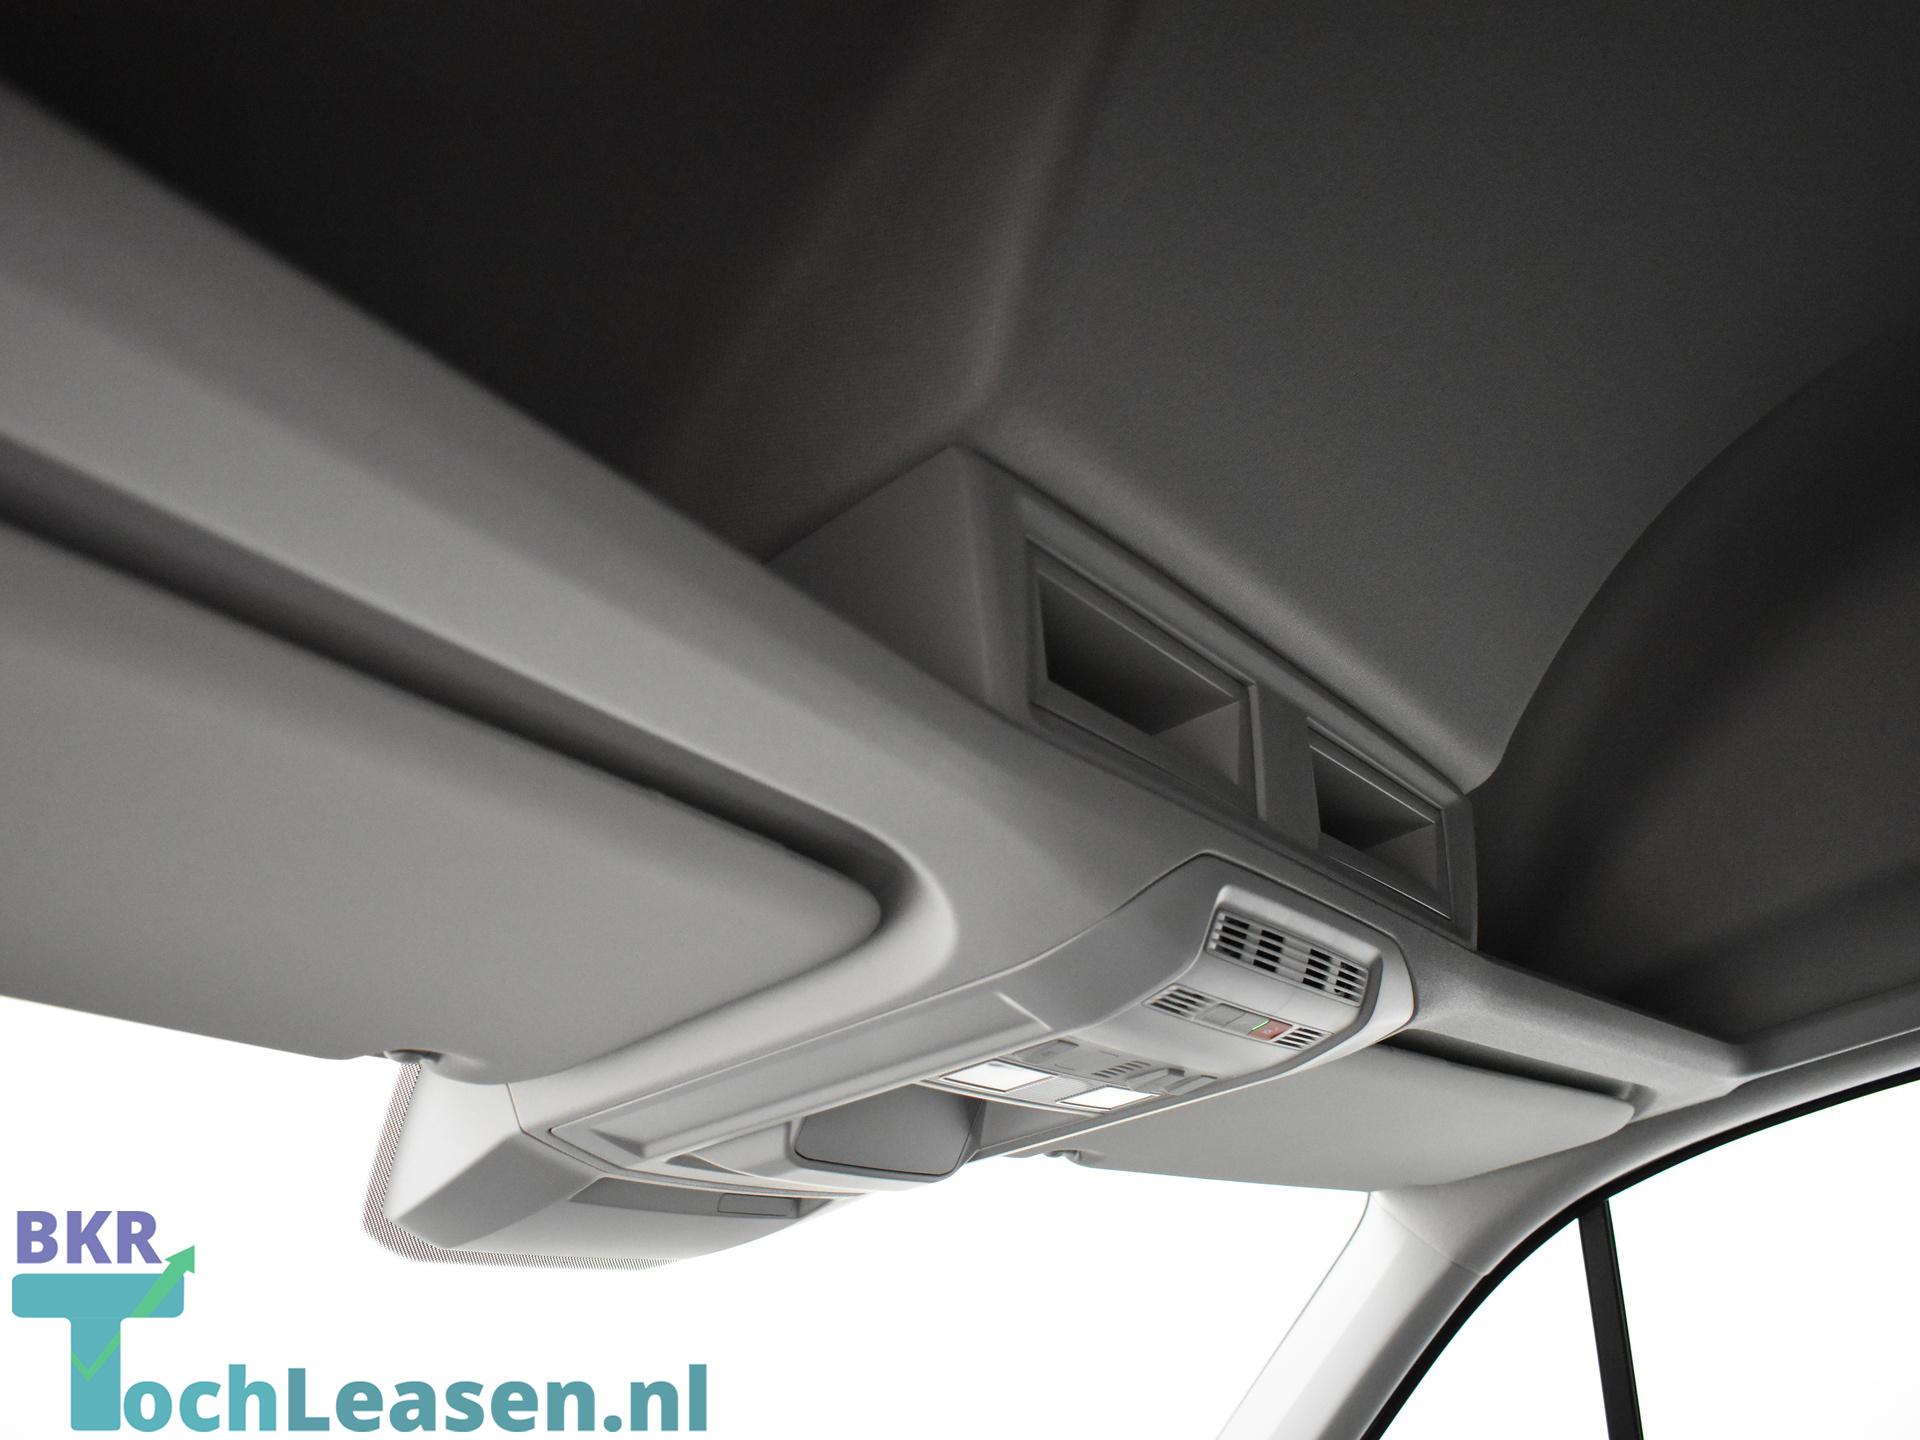 Bkr Toch Leasen Volkswagen Crafter25